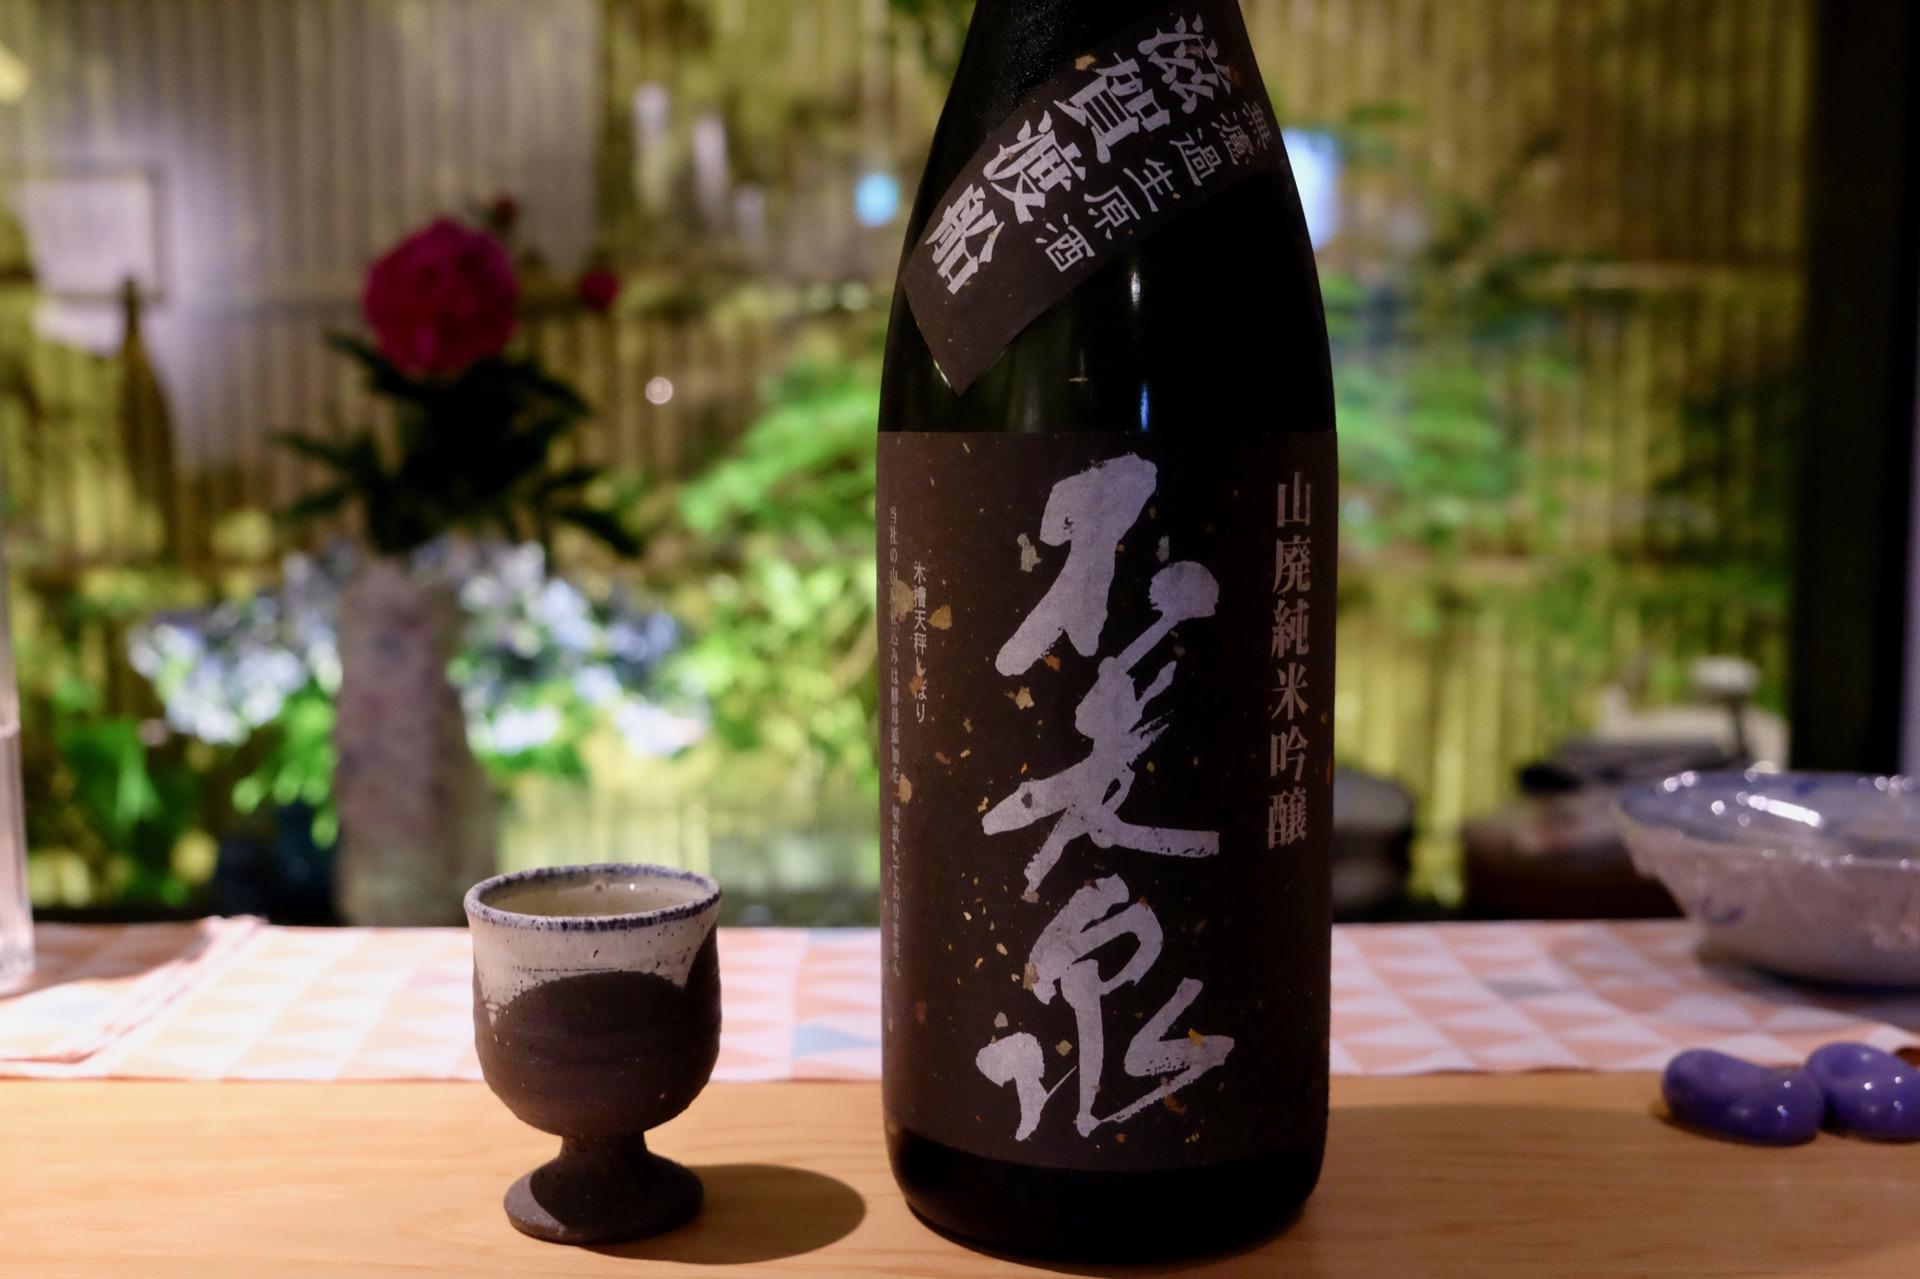 不老泉 山廃仕込 純米吟醸 滋賀渡船 無濾過生原酒|日本酒テイスティングノート